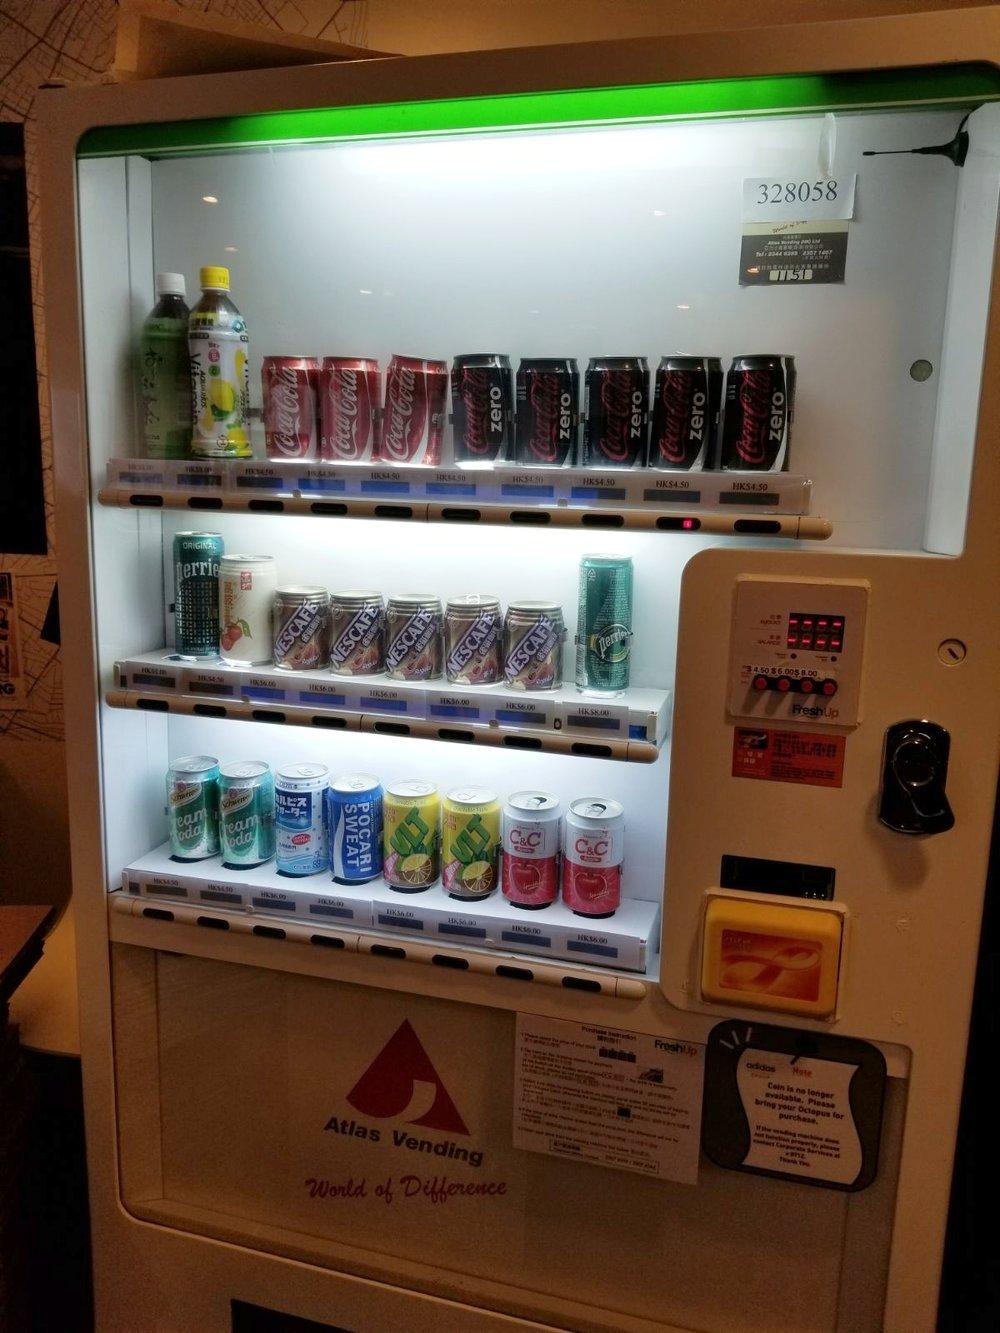 FreshUp,自動售賣機,自動販賣機,零食,飲品,方便,快捷,智能,企業,公司,信任,愛迪達